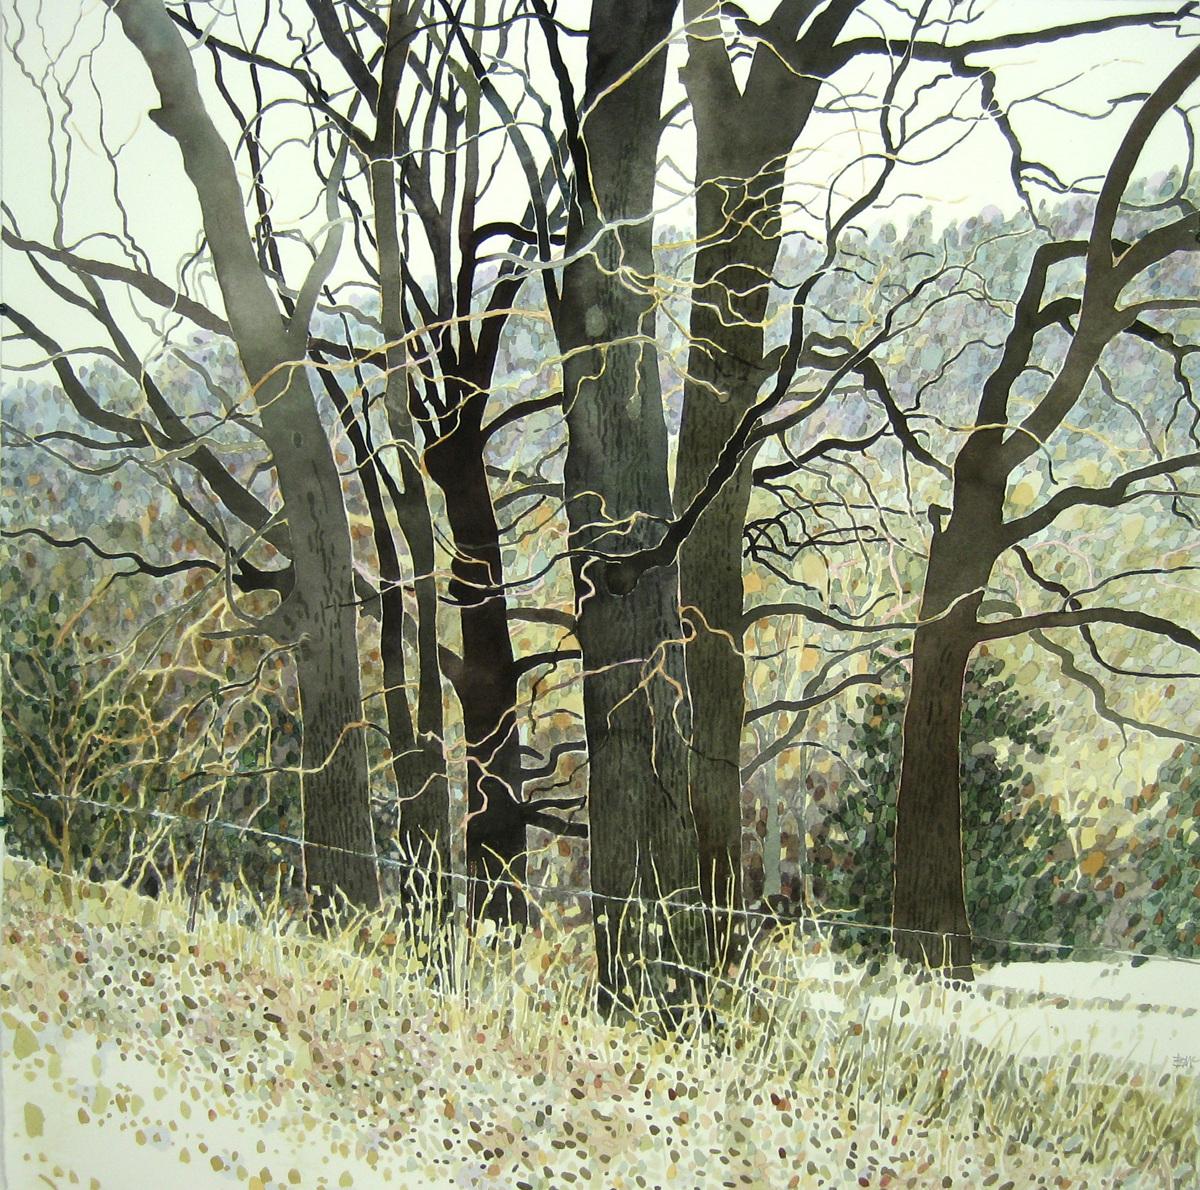 Burr Oak Grove (large view)